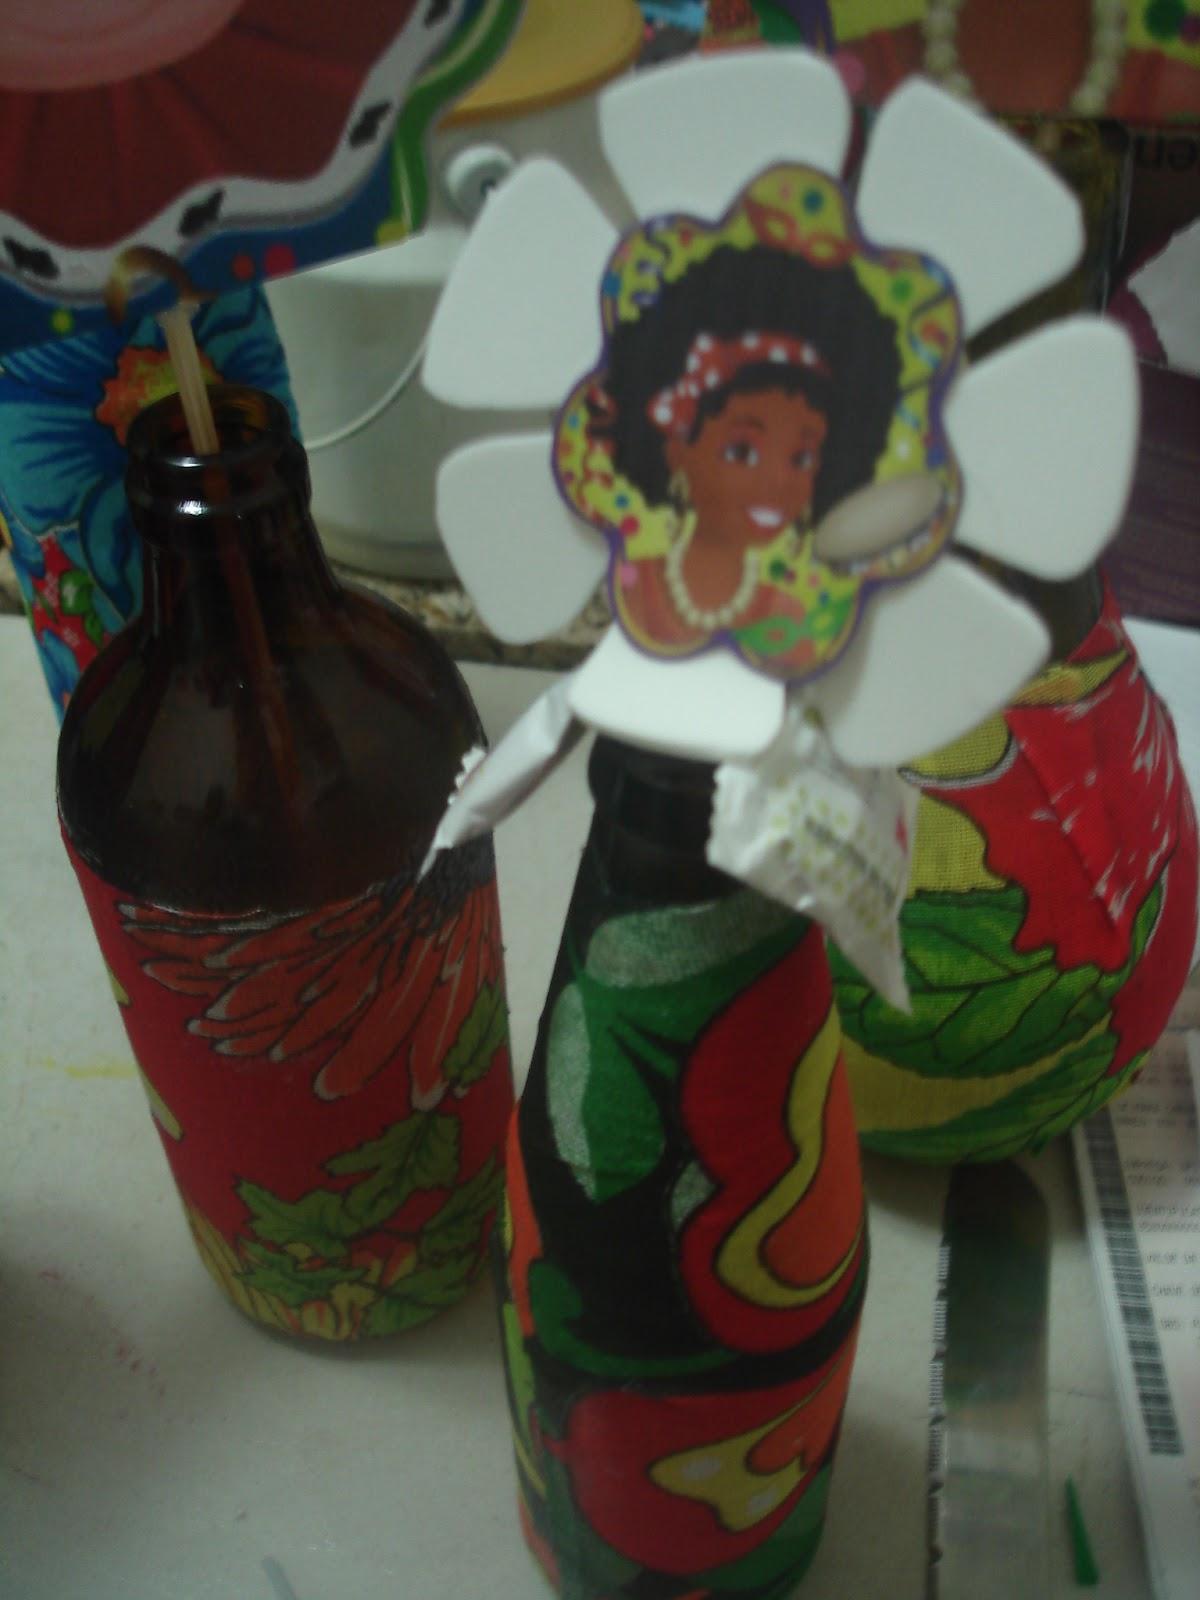 Decoração Yasmim ~ FLYP ATELI u00ca Luk decorações Festa de carnaval 2 anos da Yasmim 10 anos de casório Lú e Ley